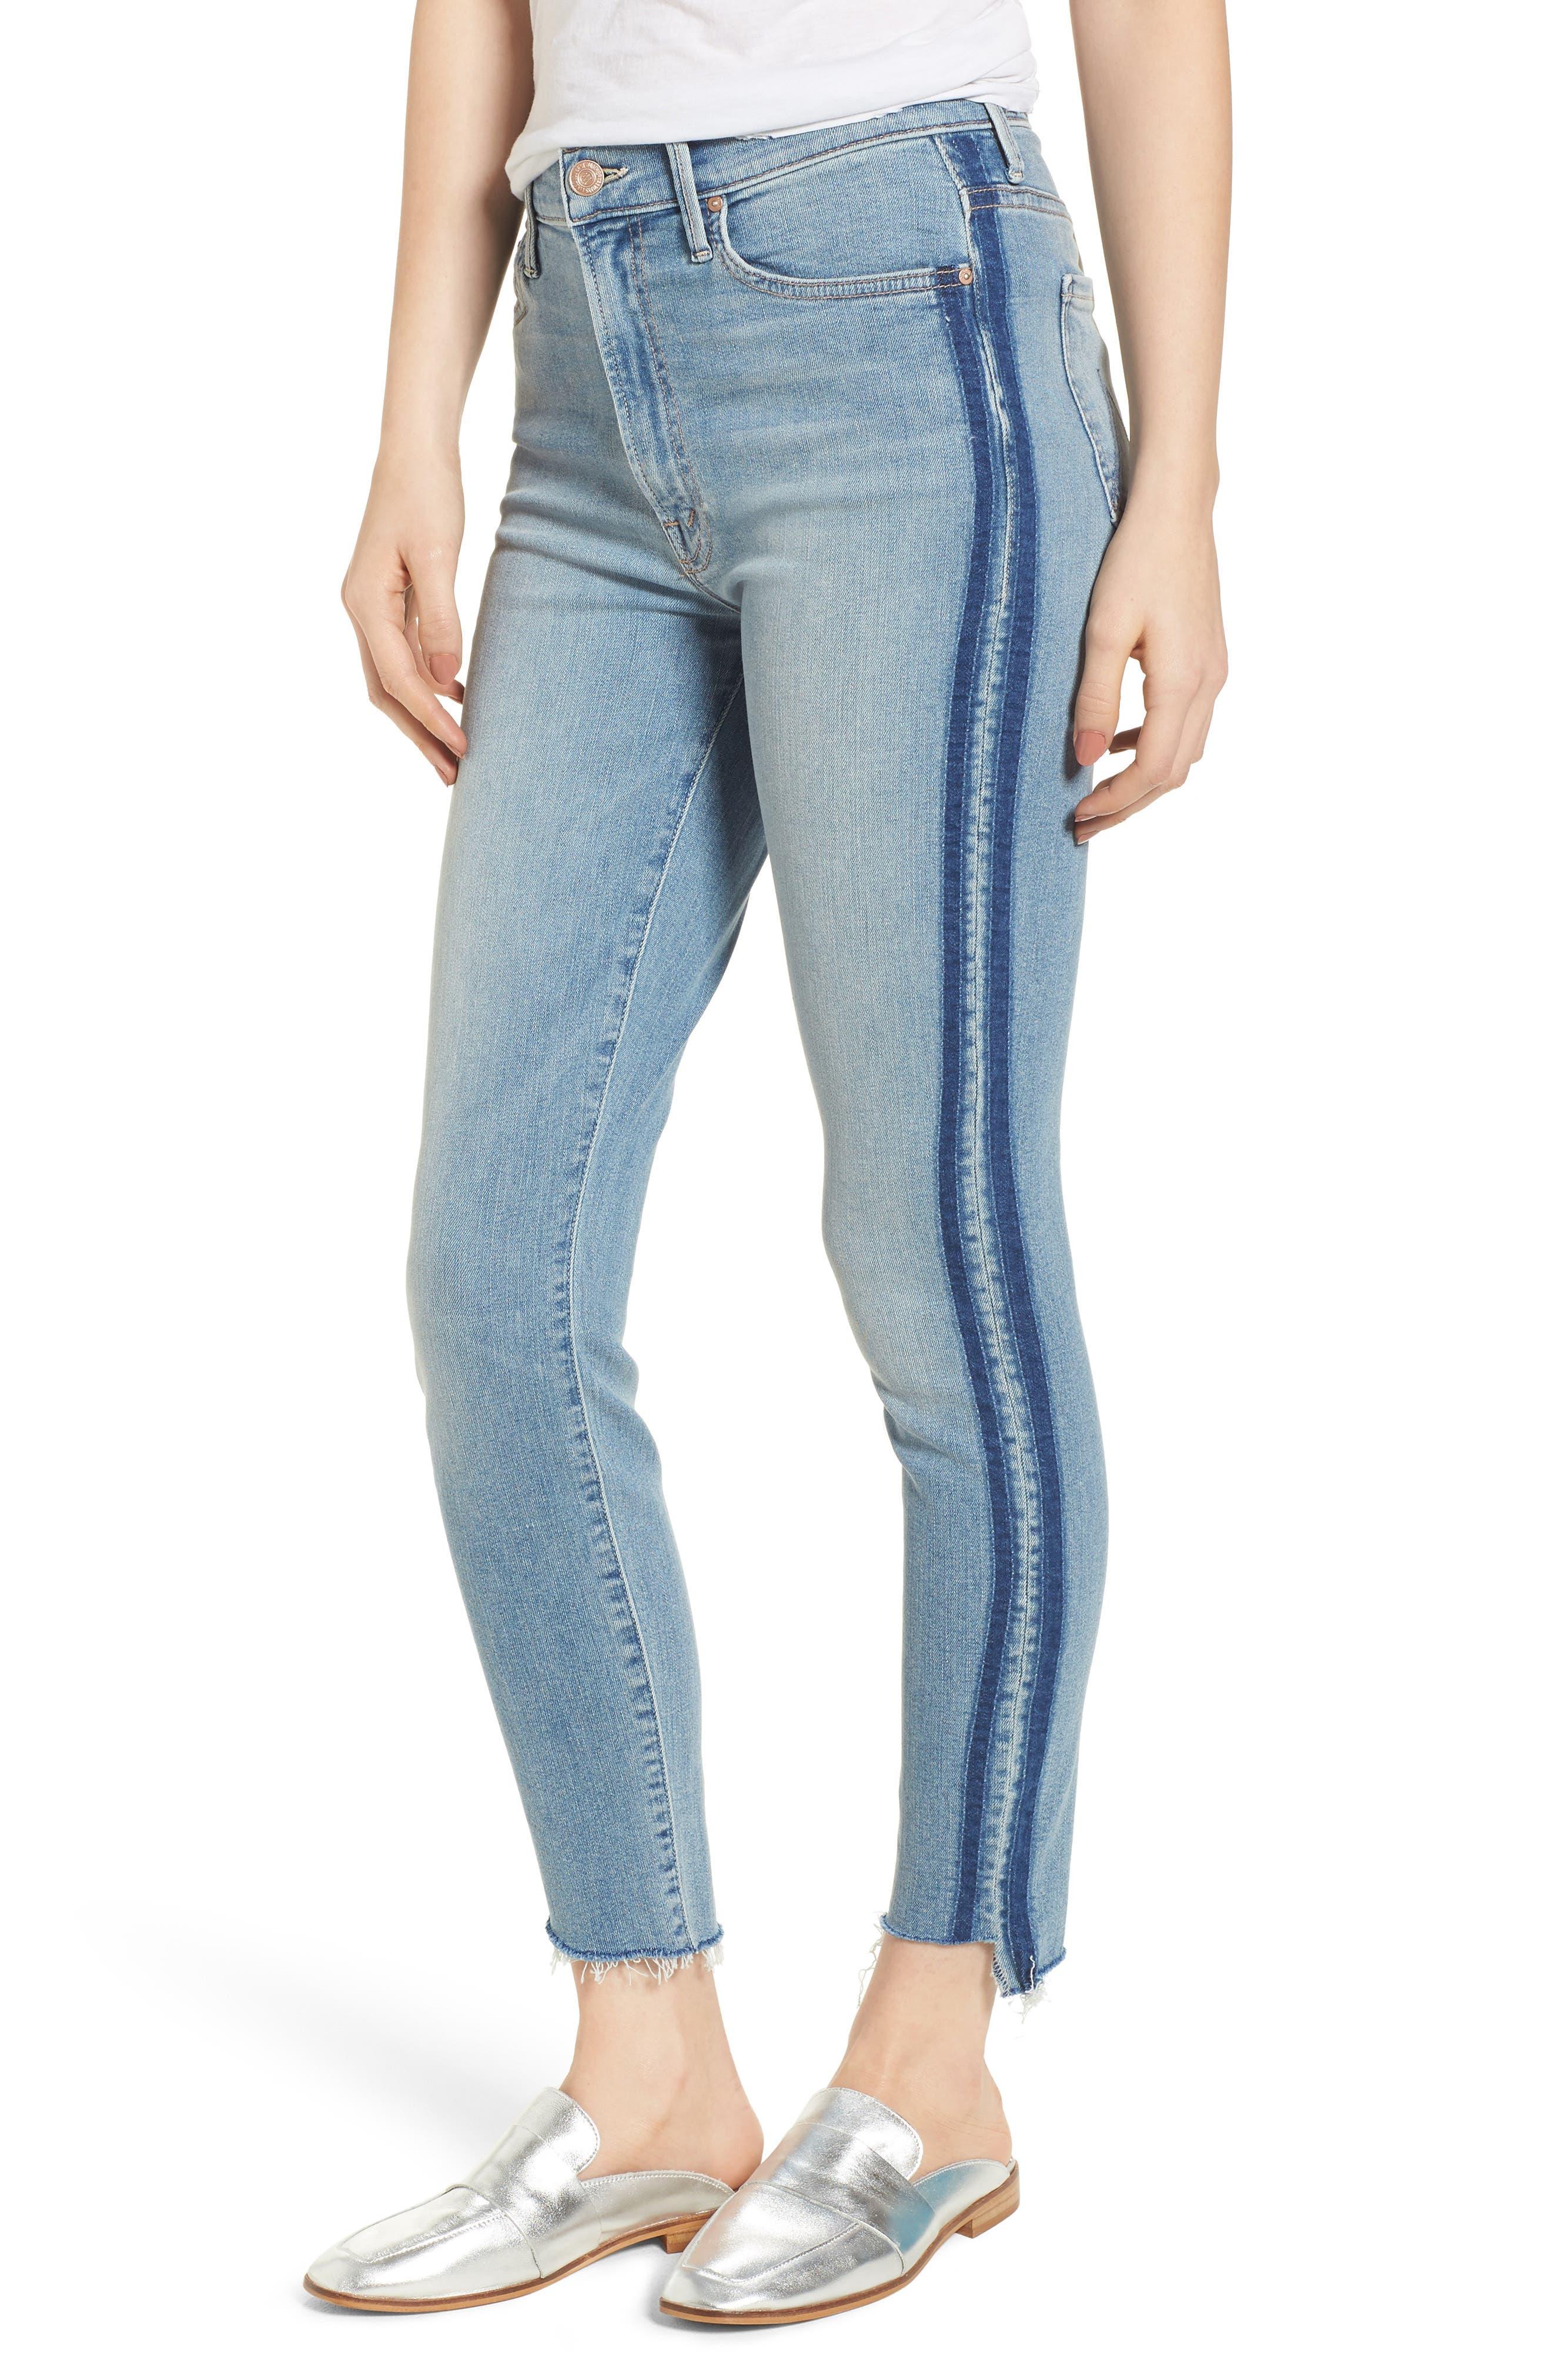 Main Image - MOTHER The Stunner Fray Step Hem Skinny Jeans (Light Kitty Racer)